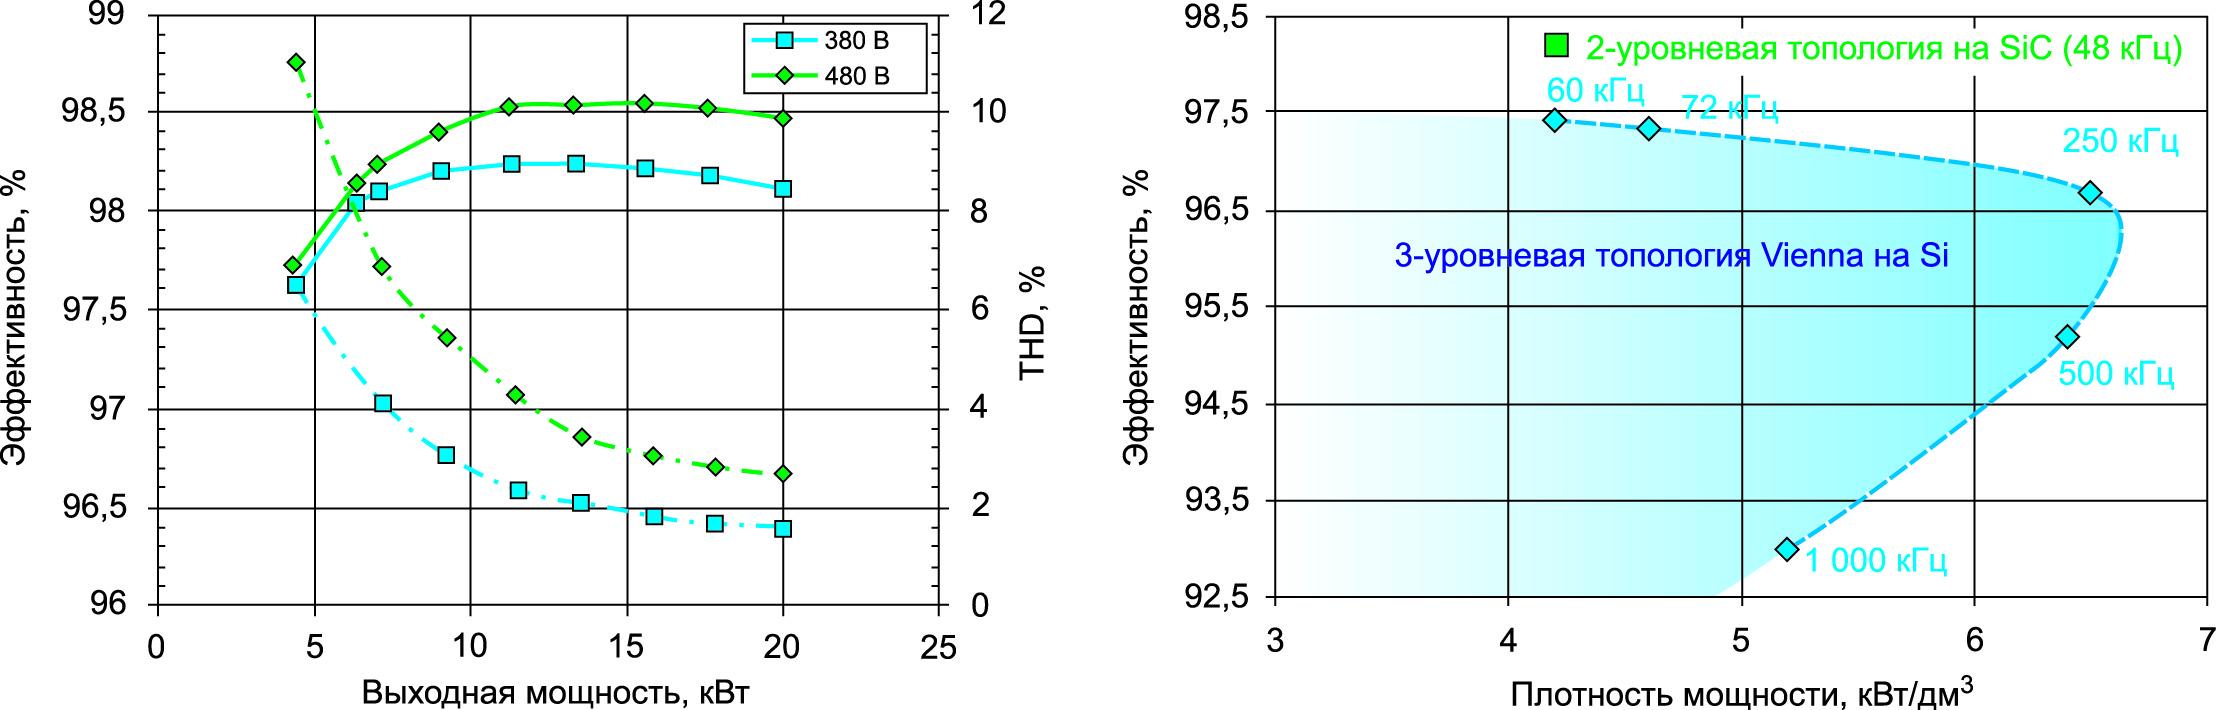 Измерения эффективности и THD прототипа 2L SiC AFE в зависимости от мощности (слева) показывают, что эта простая топология решает все поставленные задачи. Измеренные значения КПД и оценка плотности мощности 2L SiC AFE в сравнении с параметрами схемы Vienna Rectifiers на основе кремниевых ключей (справа) демонстрирует повышение эффективности примерно на 1% при снижении потерь мощности на 30%